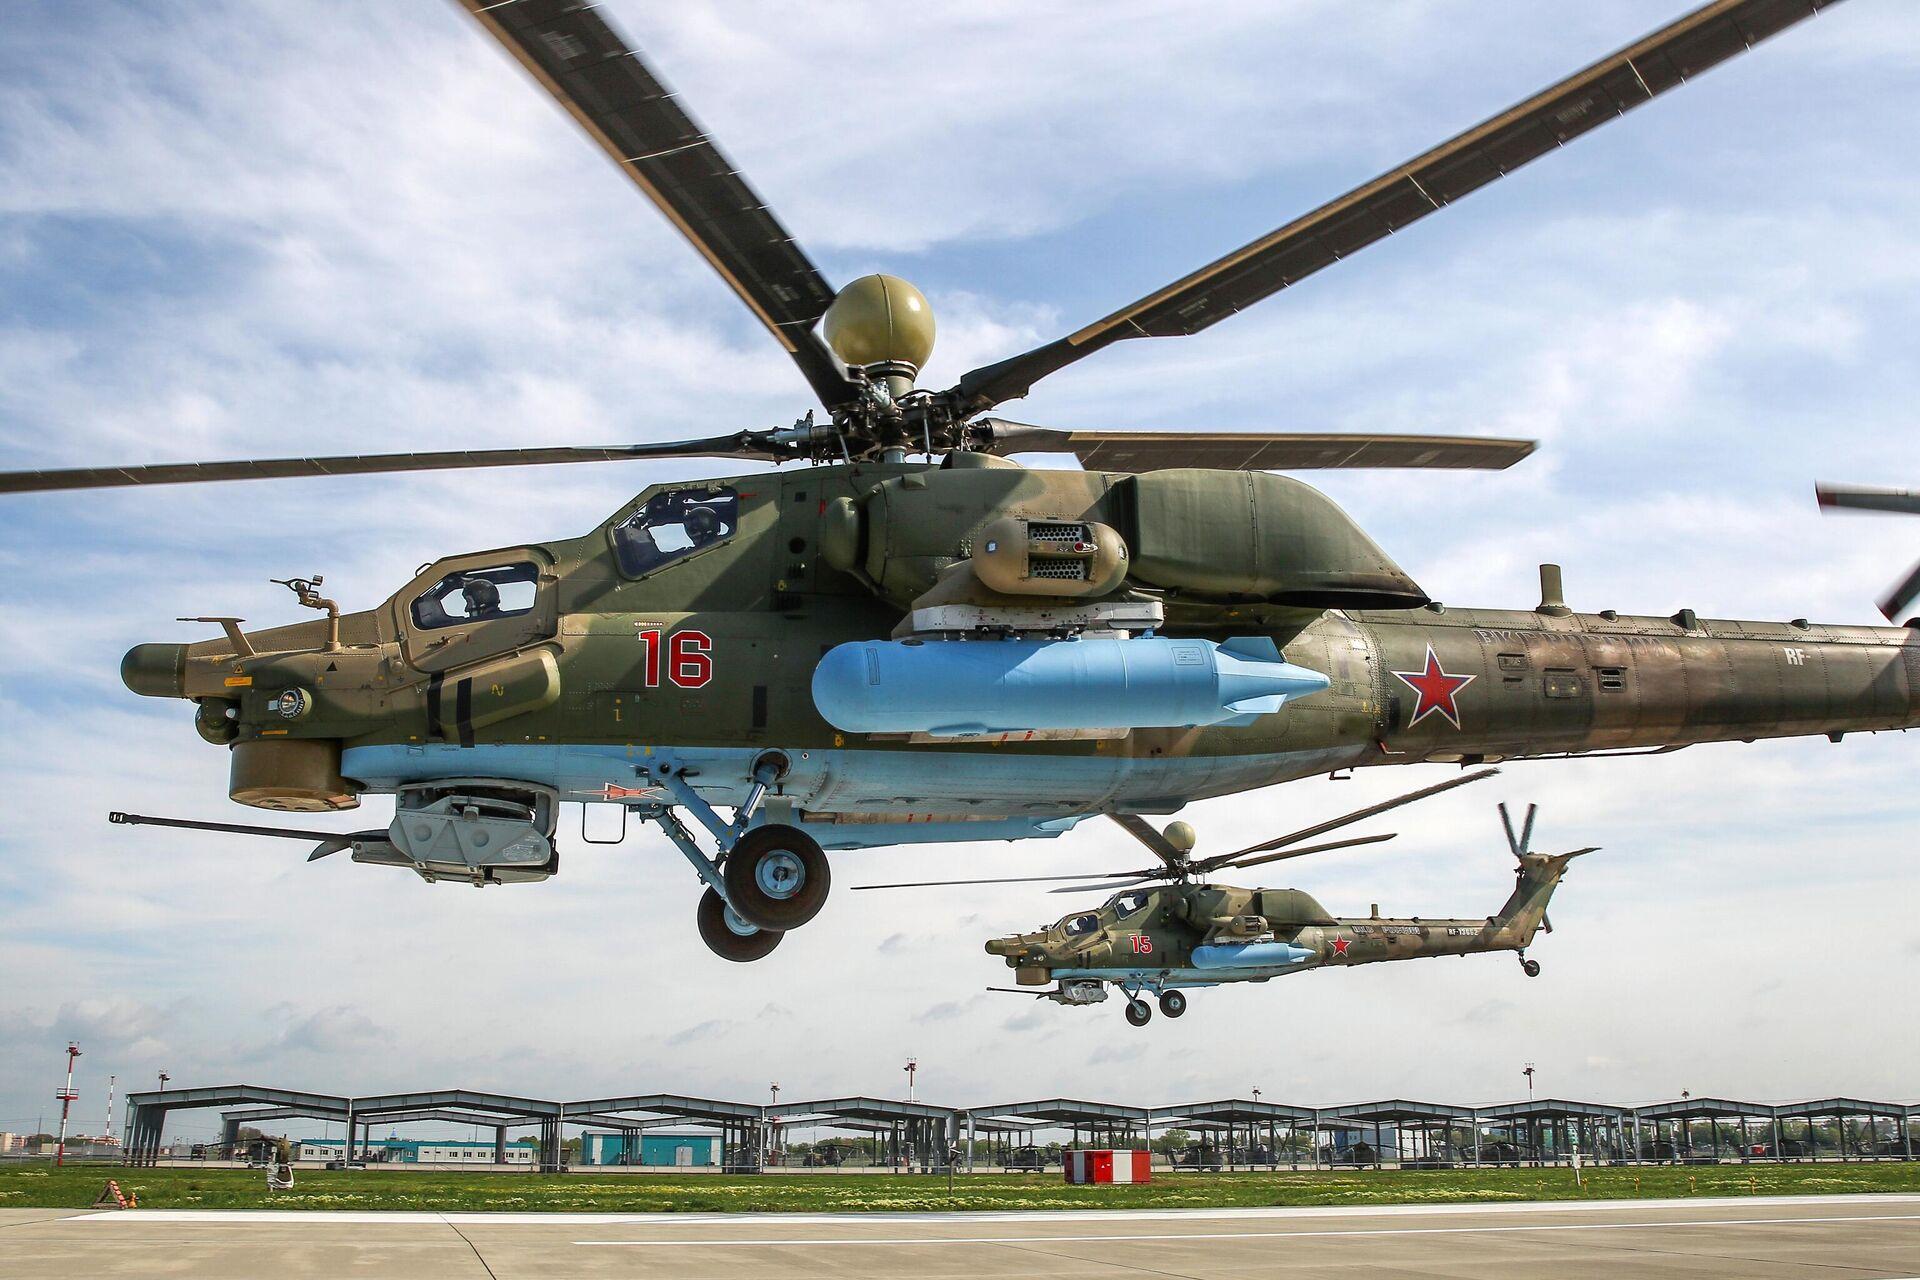 Вертолеты Ми-28УБ на репетиции воздушного парада Победы в Краснодаре - РИА Новости, 1920, 20.01.2021